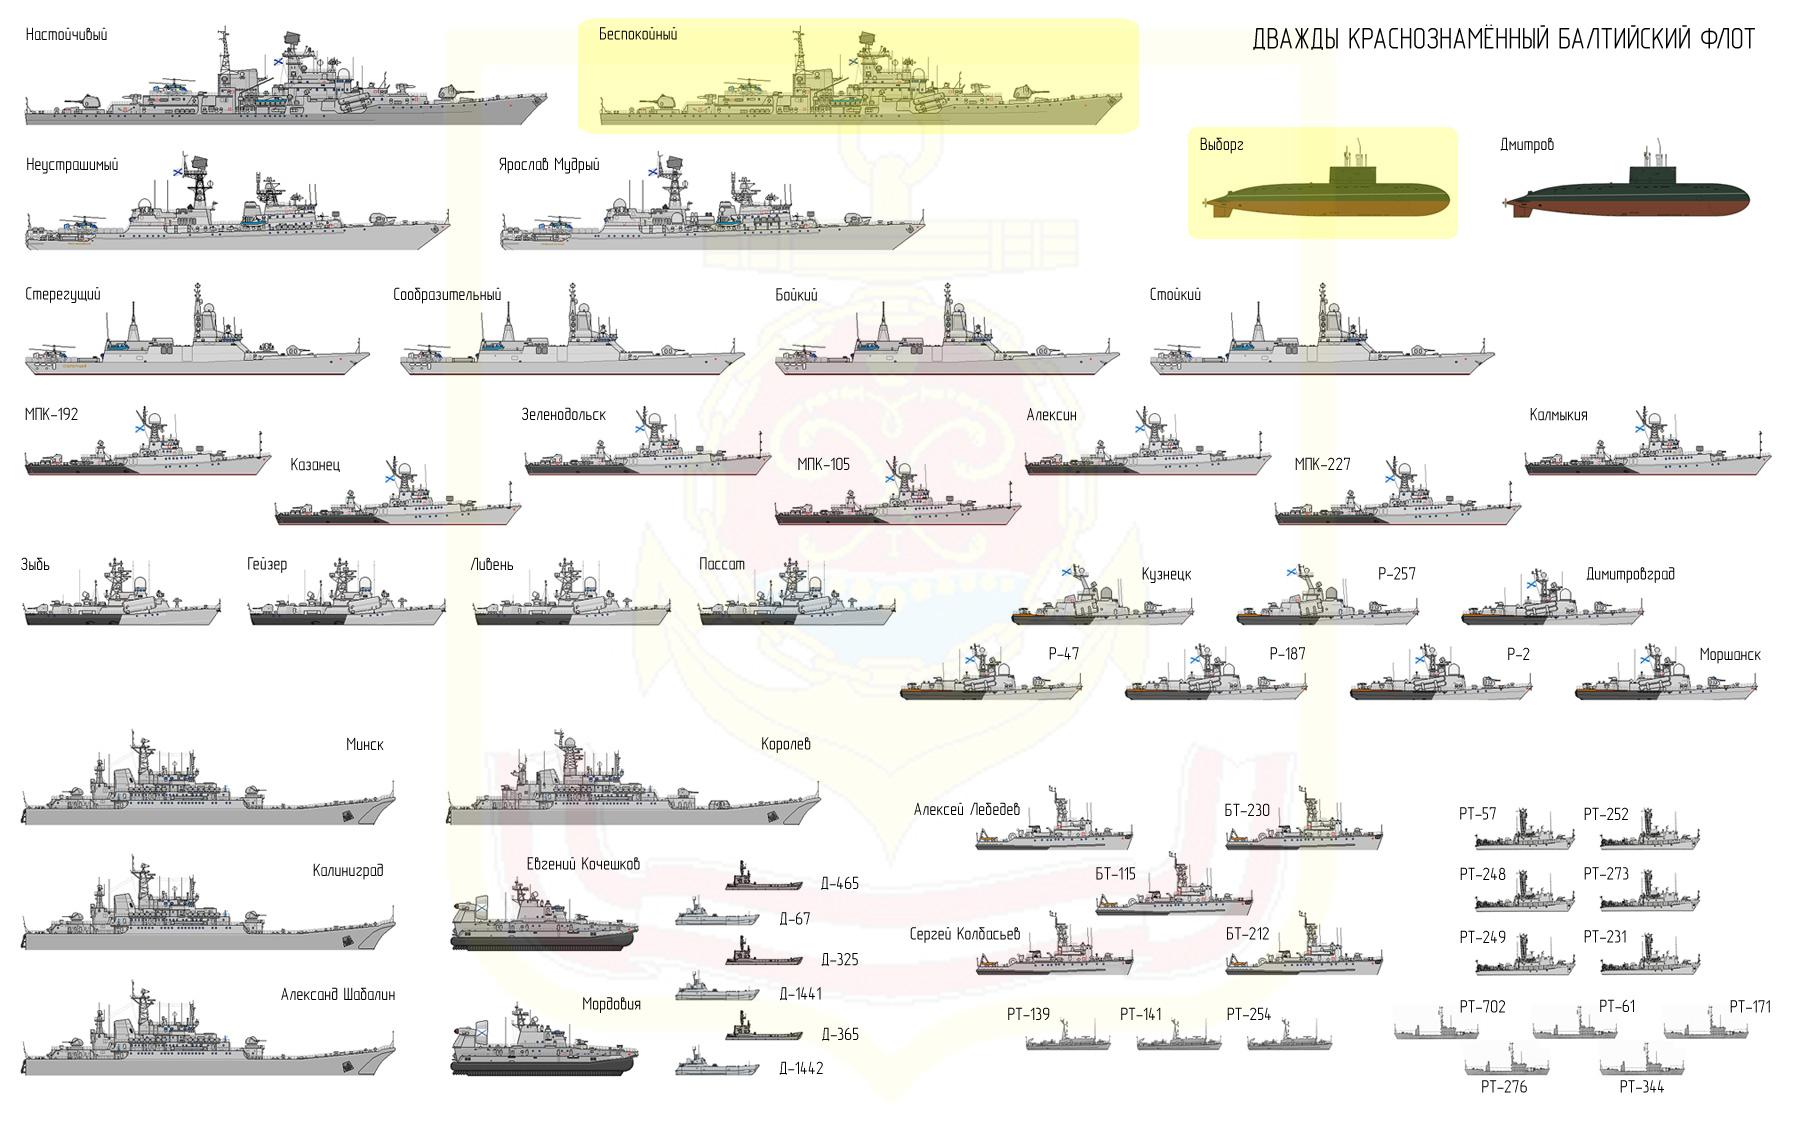 изображениям классификация боевых кораблей с картинками фотографии сохли